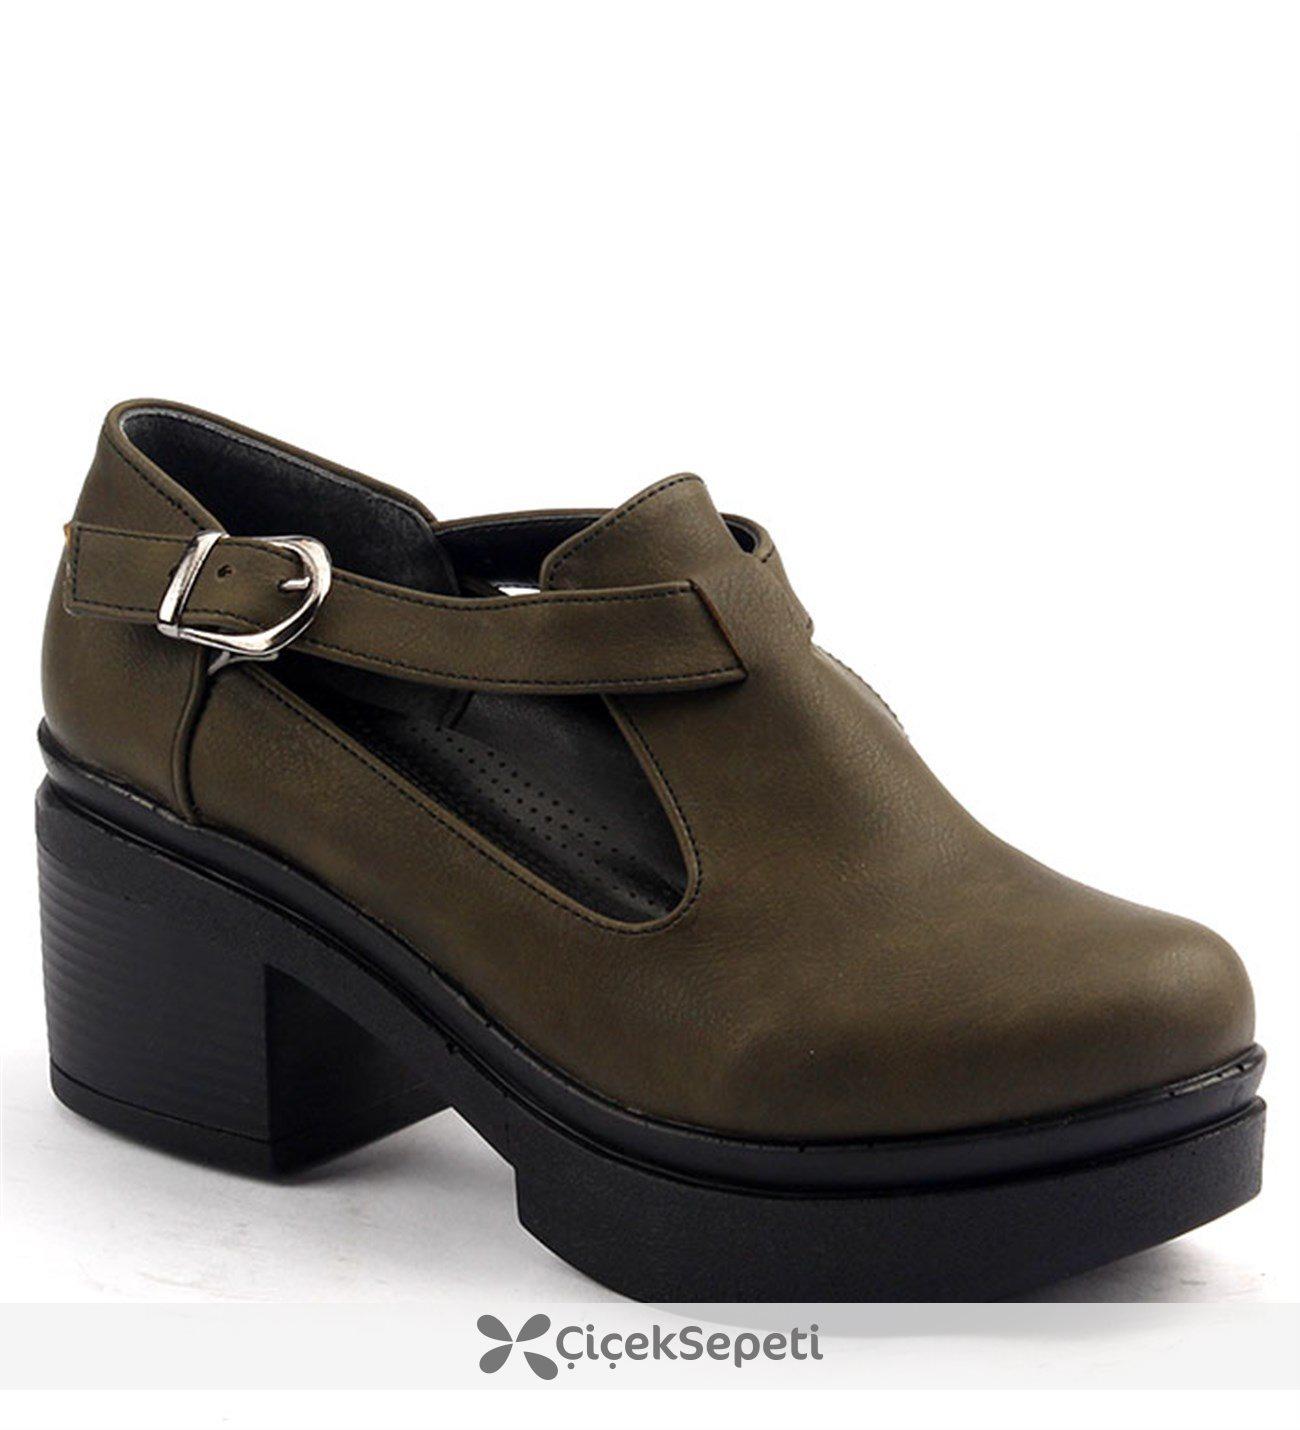 Ayakland 501.2 Günlük 6cm Kalın Topuk Bayan Ayakkabı